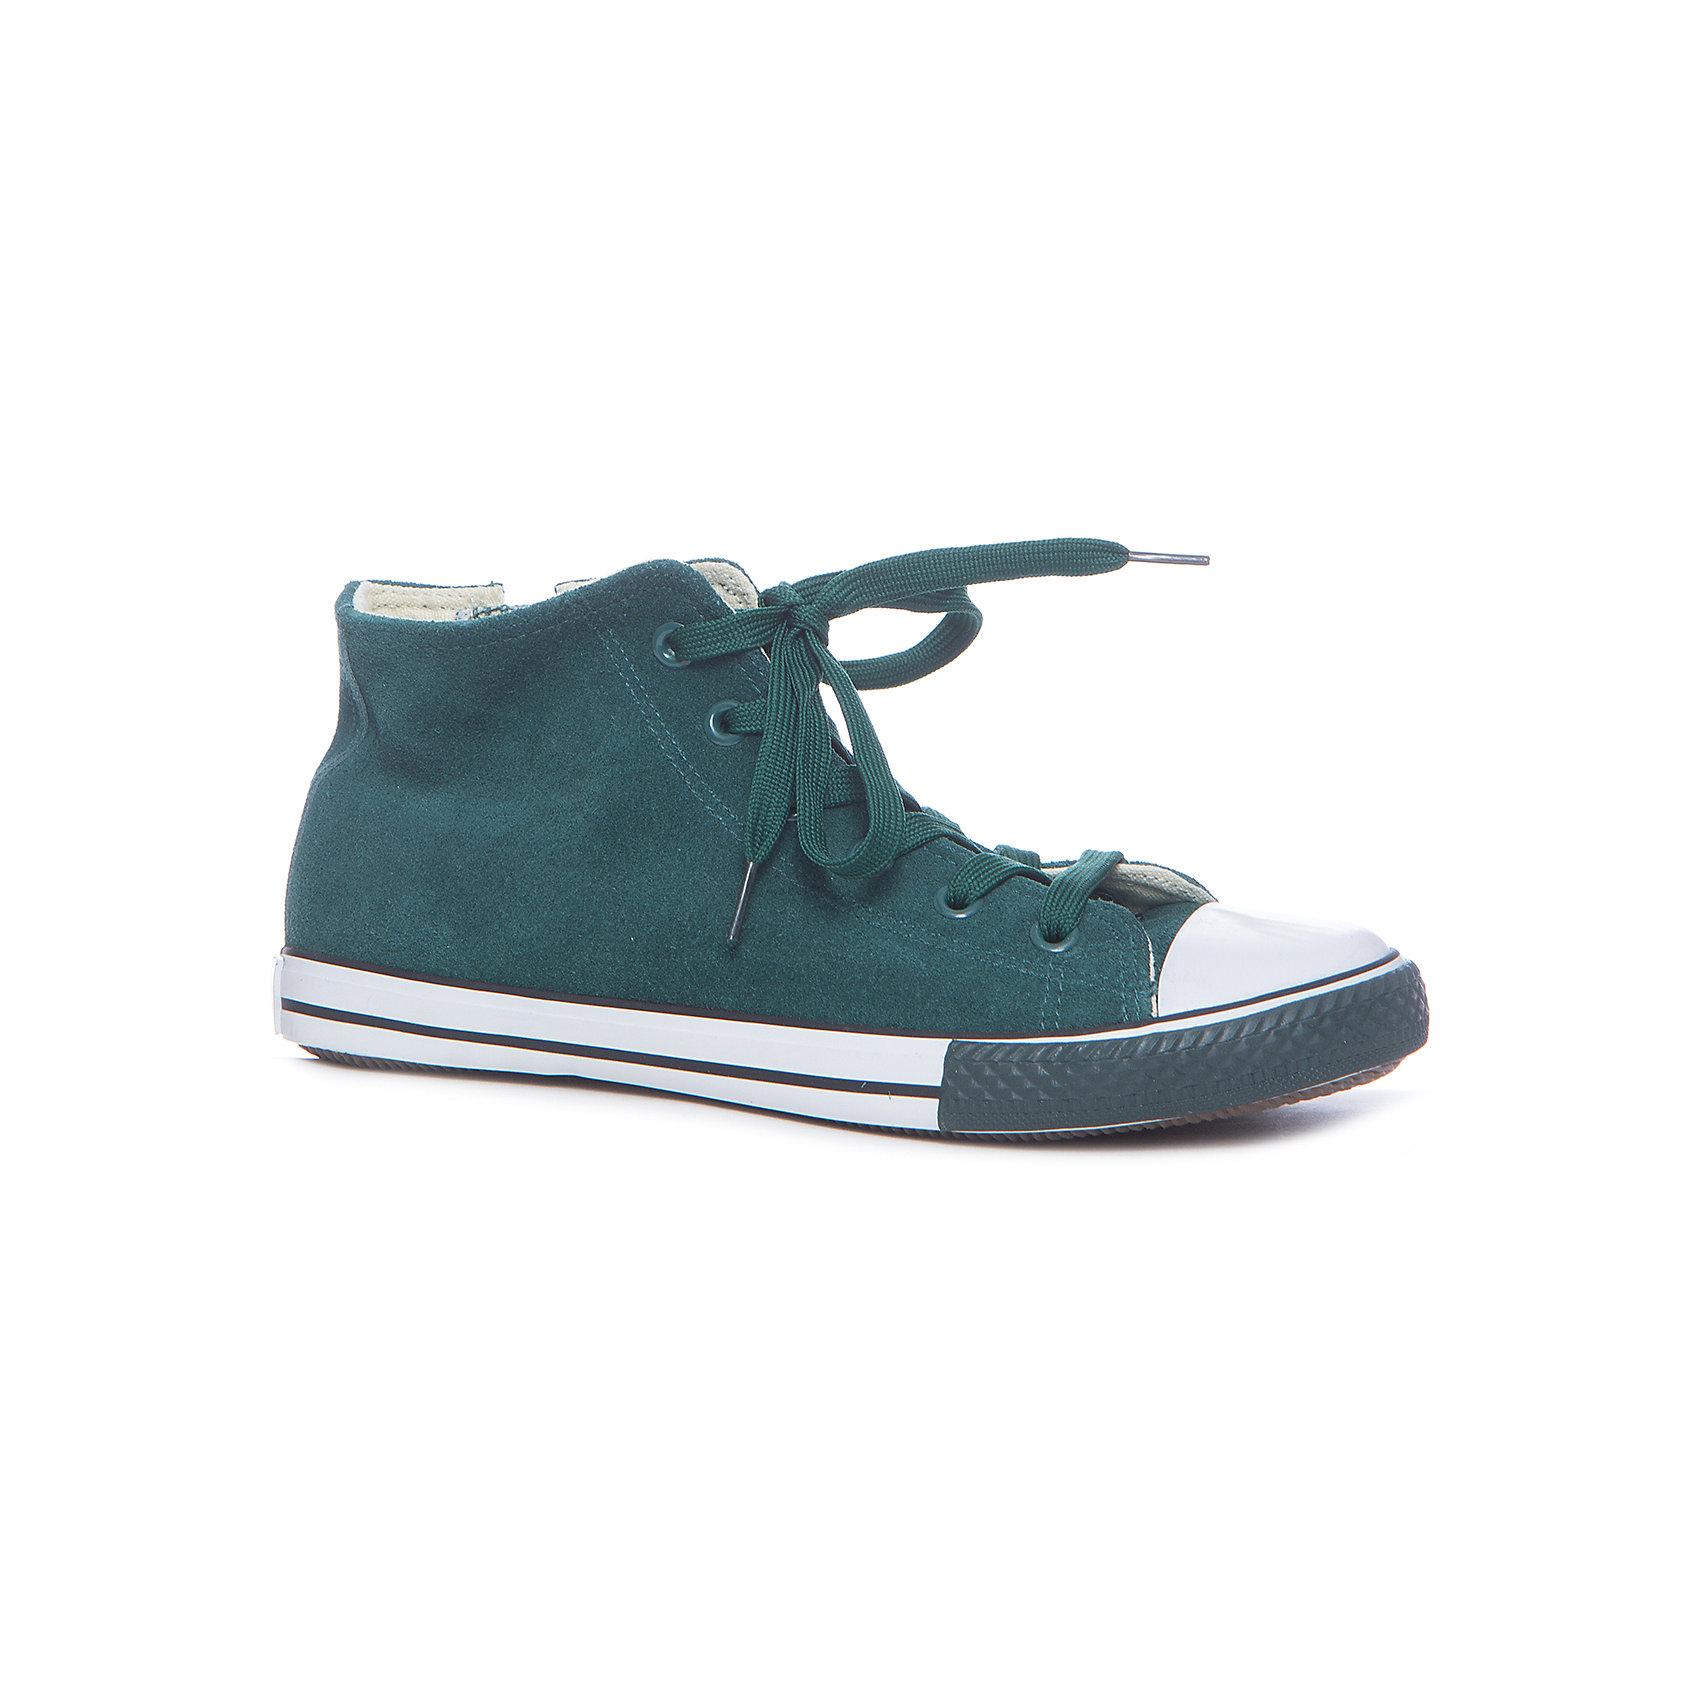 Кеды для мальчика GulliverКеды<br>Кеды, кроссовки, ботинки… С каждым днем спортивная обувь все больше входит в жизнь наших детей, вытесняя ботинки и туфли. Высокие замшевые кеды темно-зеленого цвета - классный стилеобразующий элемент! Они отлично завершат любой образ из коллекции Пикассо, придав ему новизну и индивидуальность. Зеленые кеды для мальчика выглядят потрясающе! Стильный дизайн, красивая форма, благородная фактура основного материала, комфорт - ну что еще нужно для весенних прогулок? Если вы хотите купить модные детские кеды, создающие настроение, выбор этой модели - правильное решение!<br>Состав:<br>верх: замша, подклад: канвас, стелька: канвас, подошва: вулканизированная резина<br><br>Ширина мм: 250<br>Глубина мм: 150<br>Высота мм: 150<br>Вес г: 250<br>Цвет: зеленый<br>Возраст от месяцев: 144<br>Возраст до месяцев: 156<br>Пол: Мужской<br>Возраст: Детский<br>Размер: 36,30,31,32,33,34,35<br>SKU: 5482878